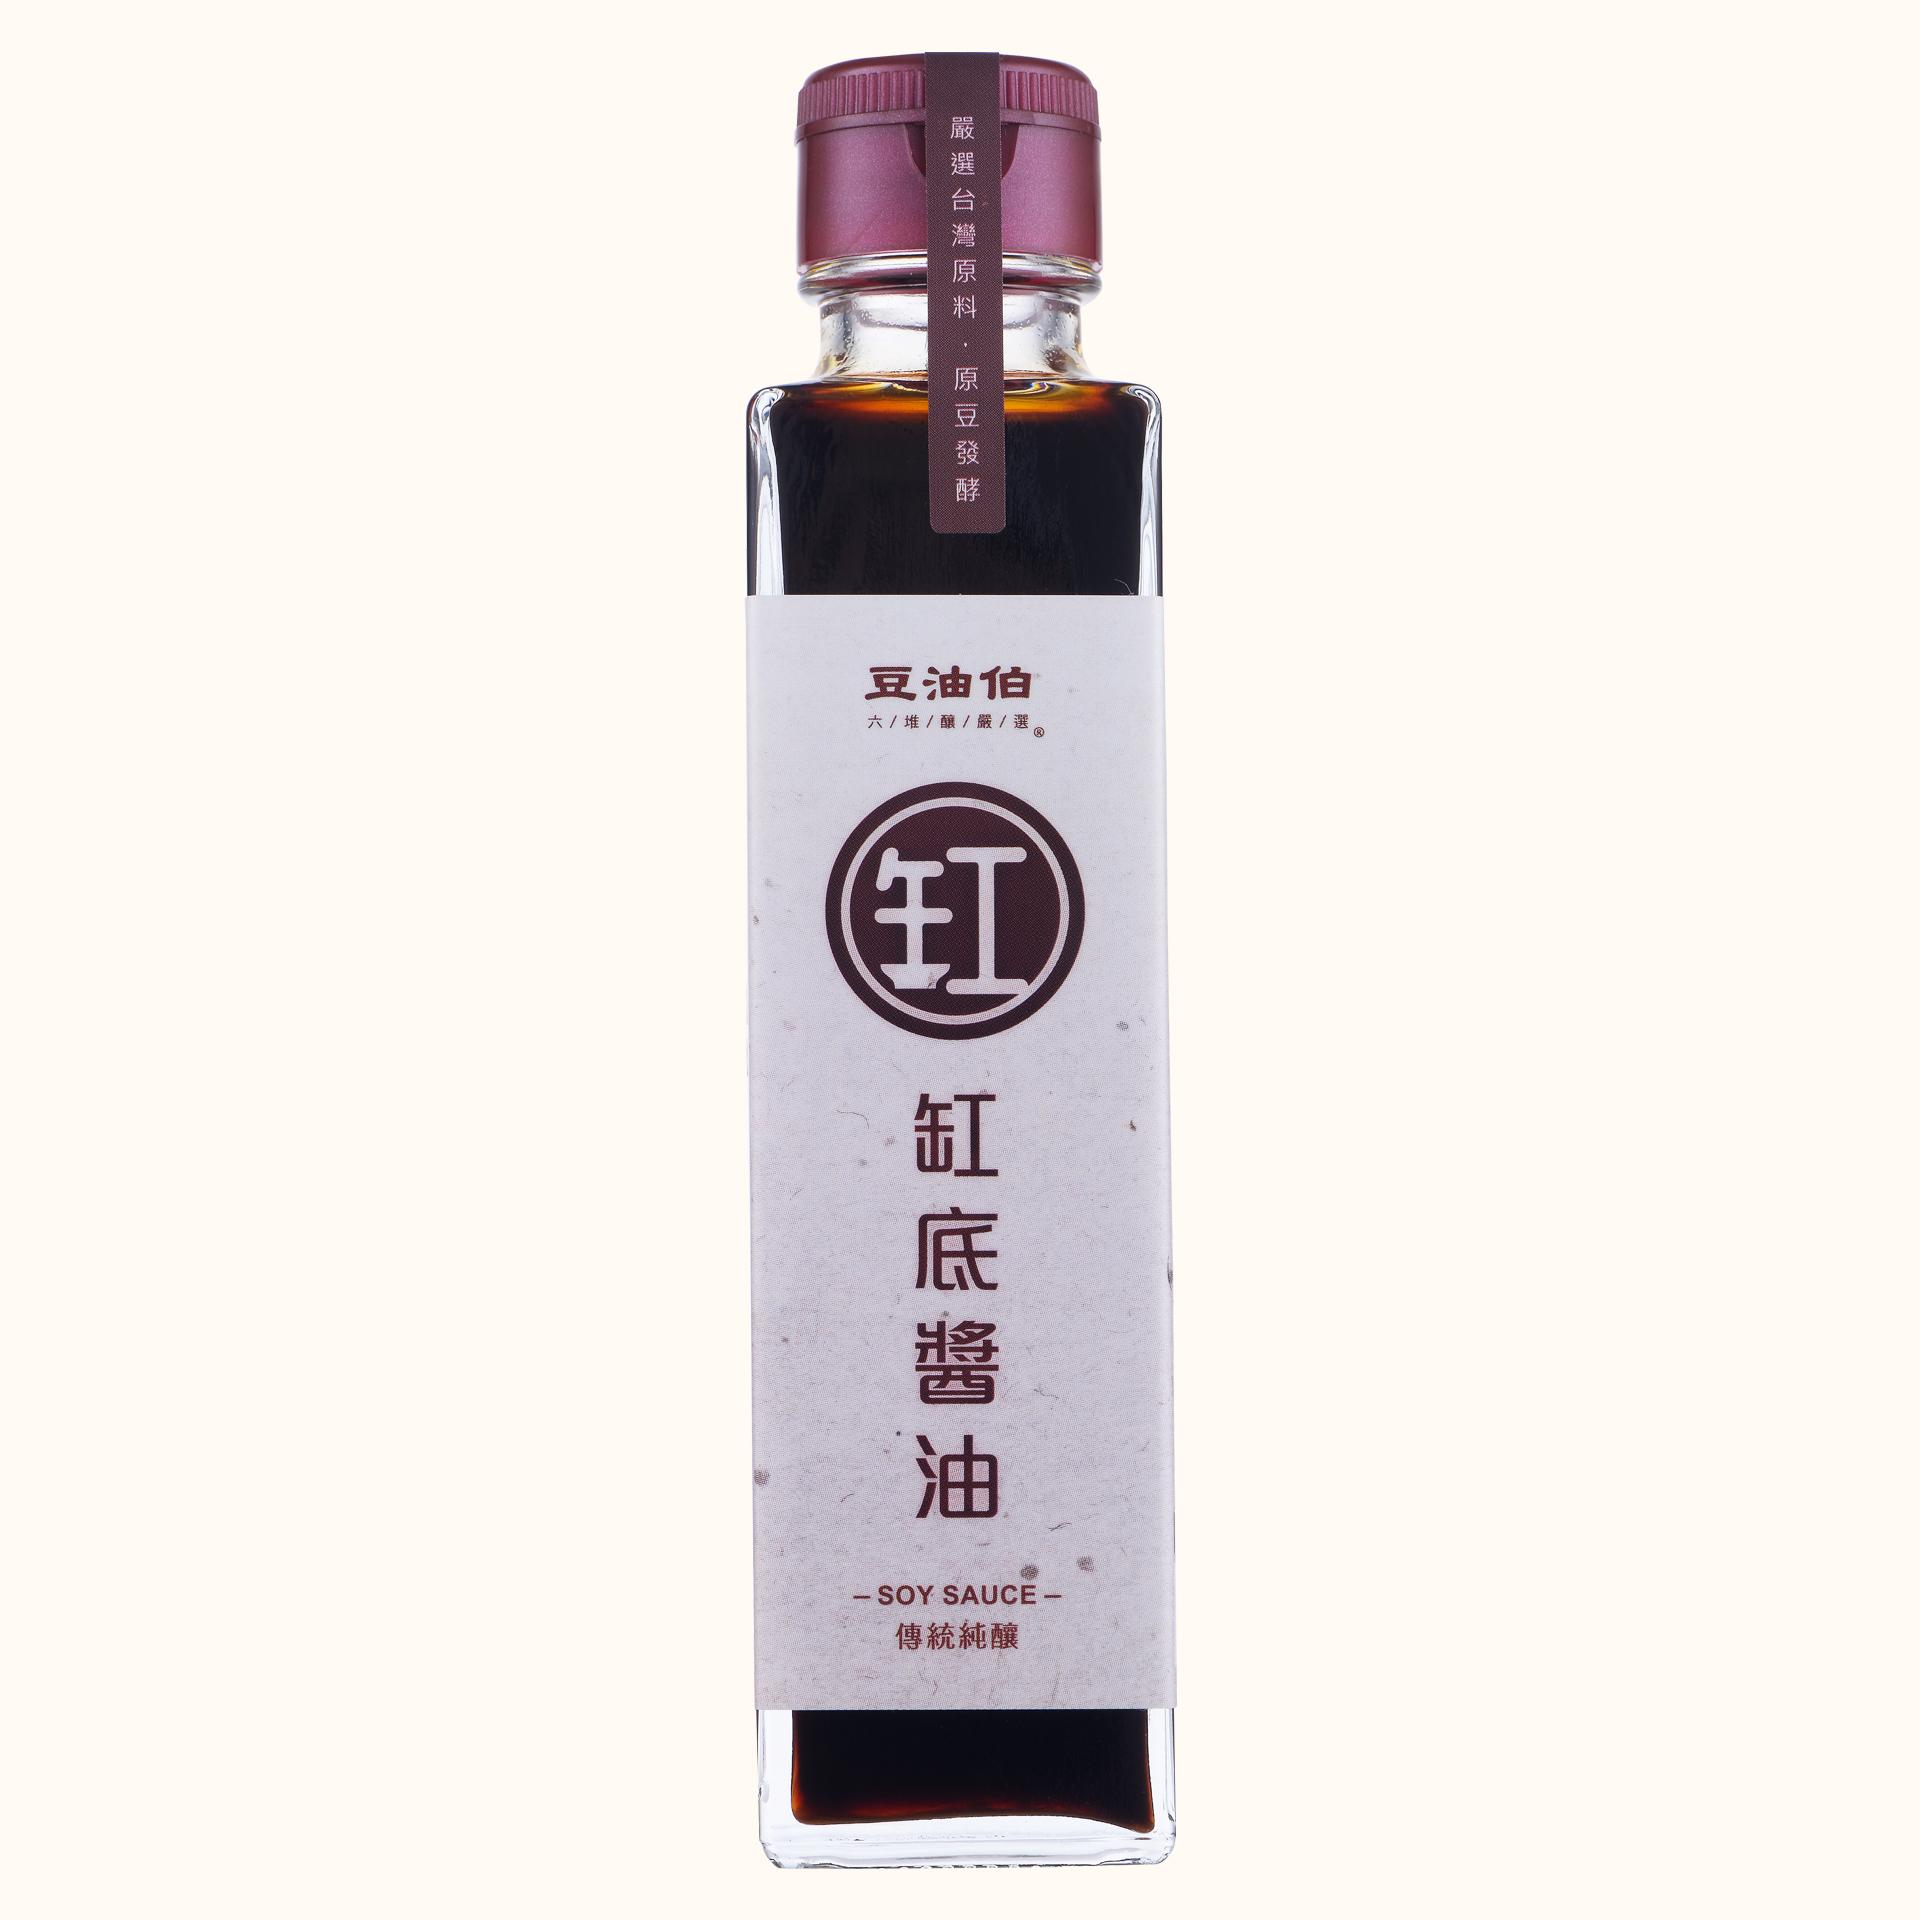 【加購】缸底醬油日式瓶150ml(到期20210224)